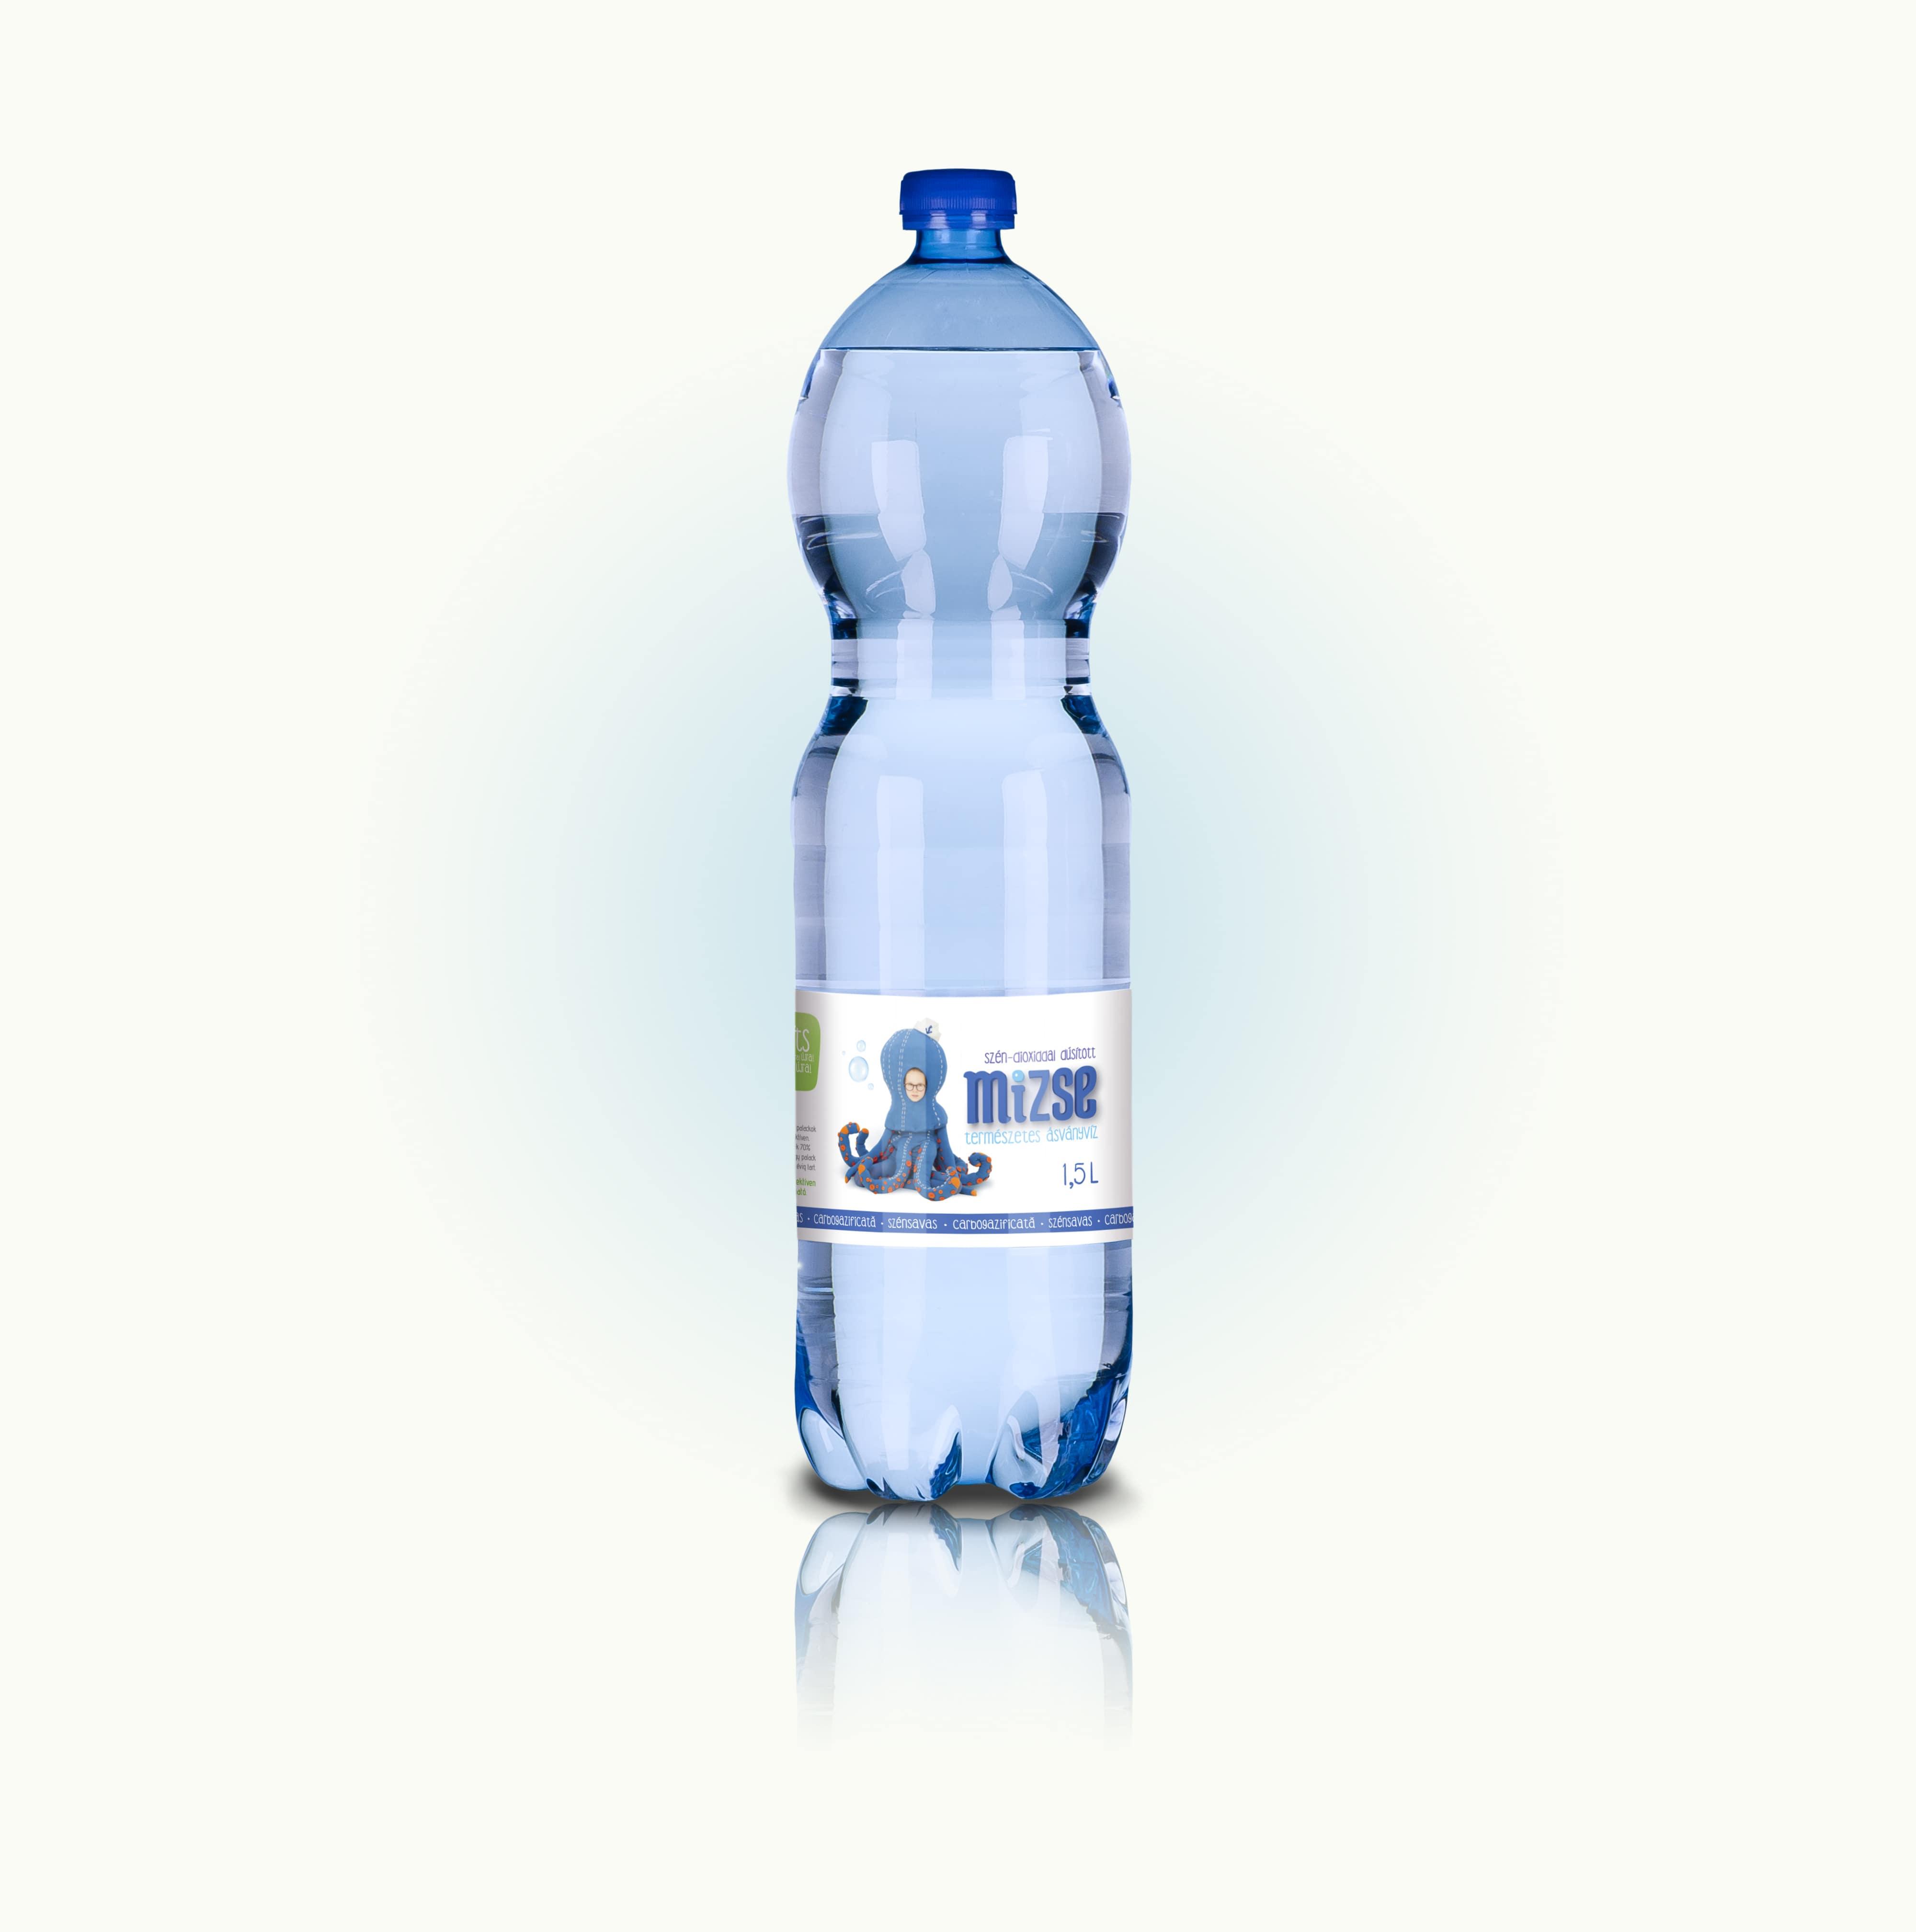 Mizse ásványvíz 1,5 liter Szénsavas